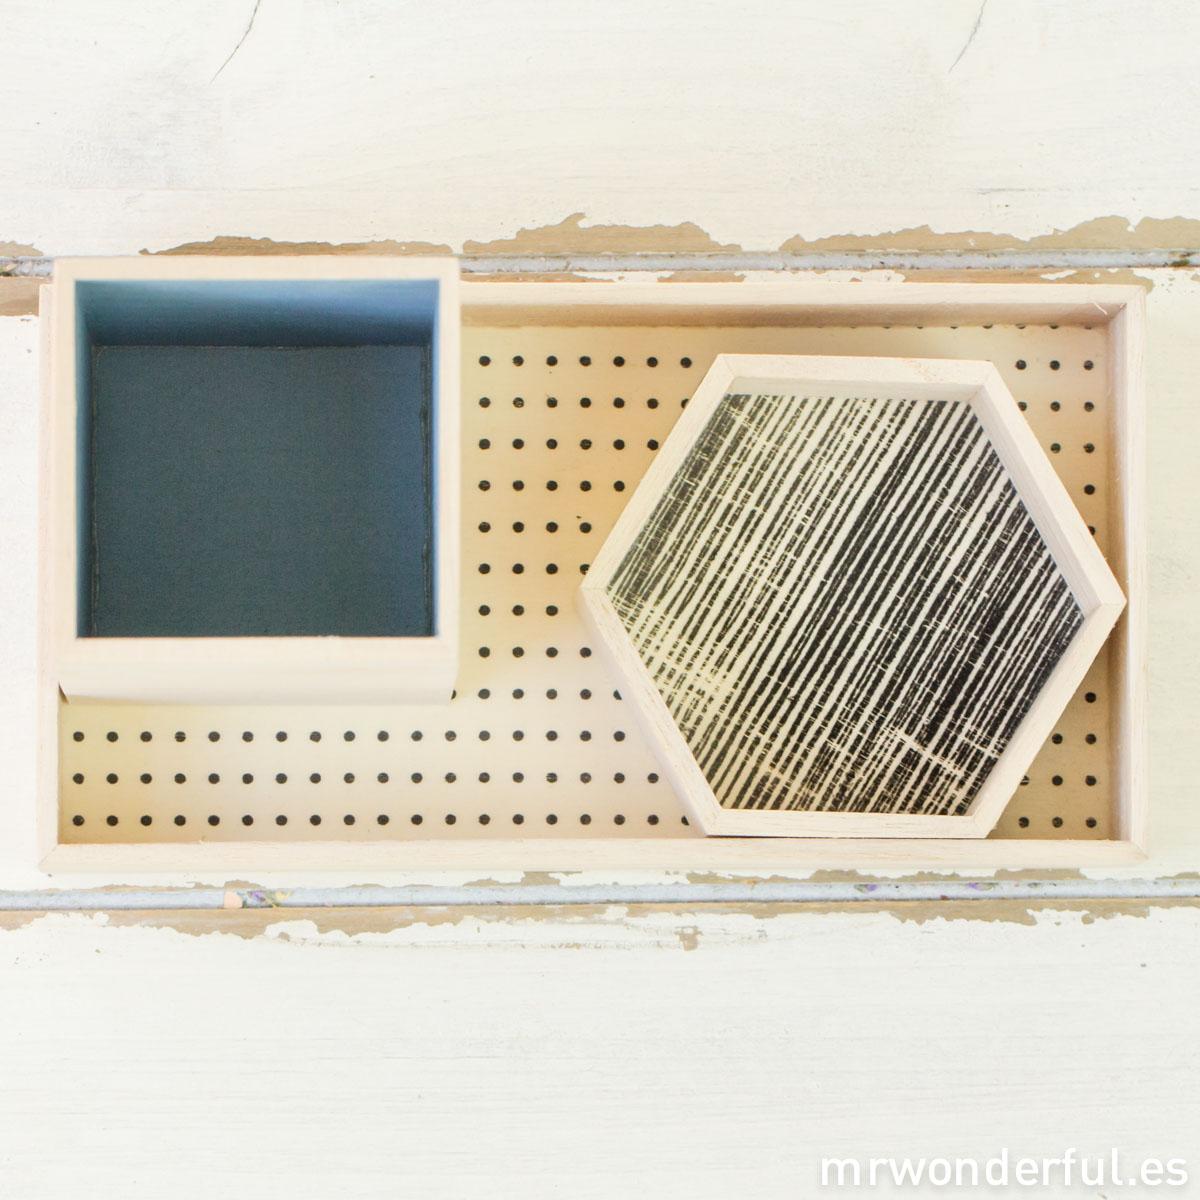 mrwonderful_SU0226_set-3-organizadores_madera-escritorio-3